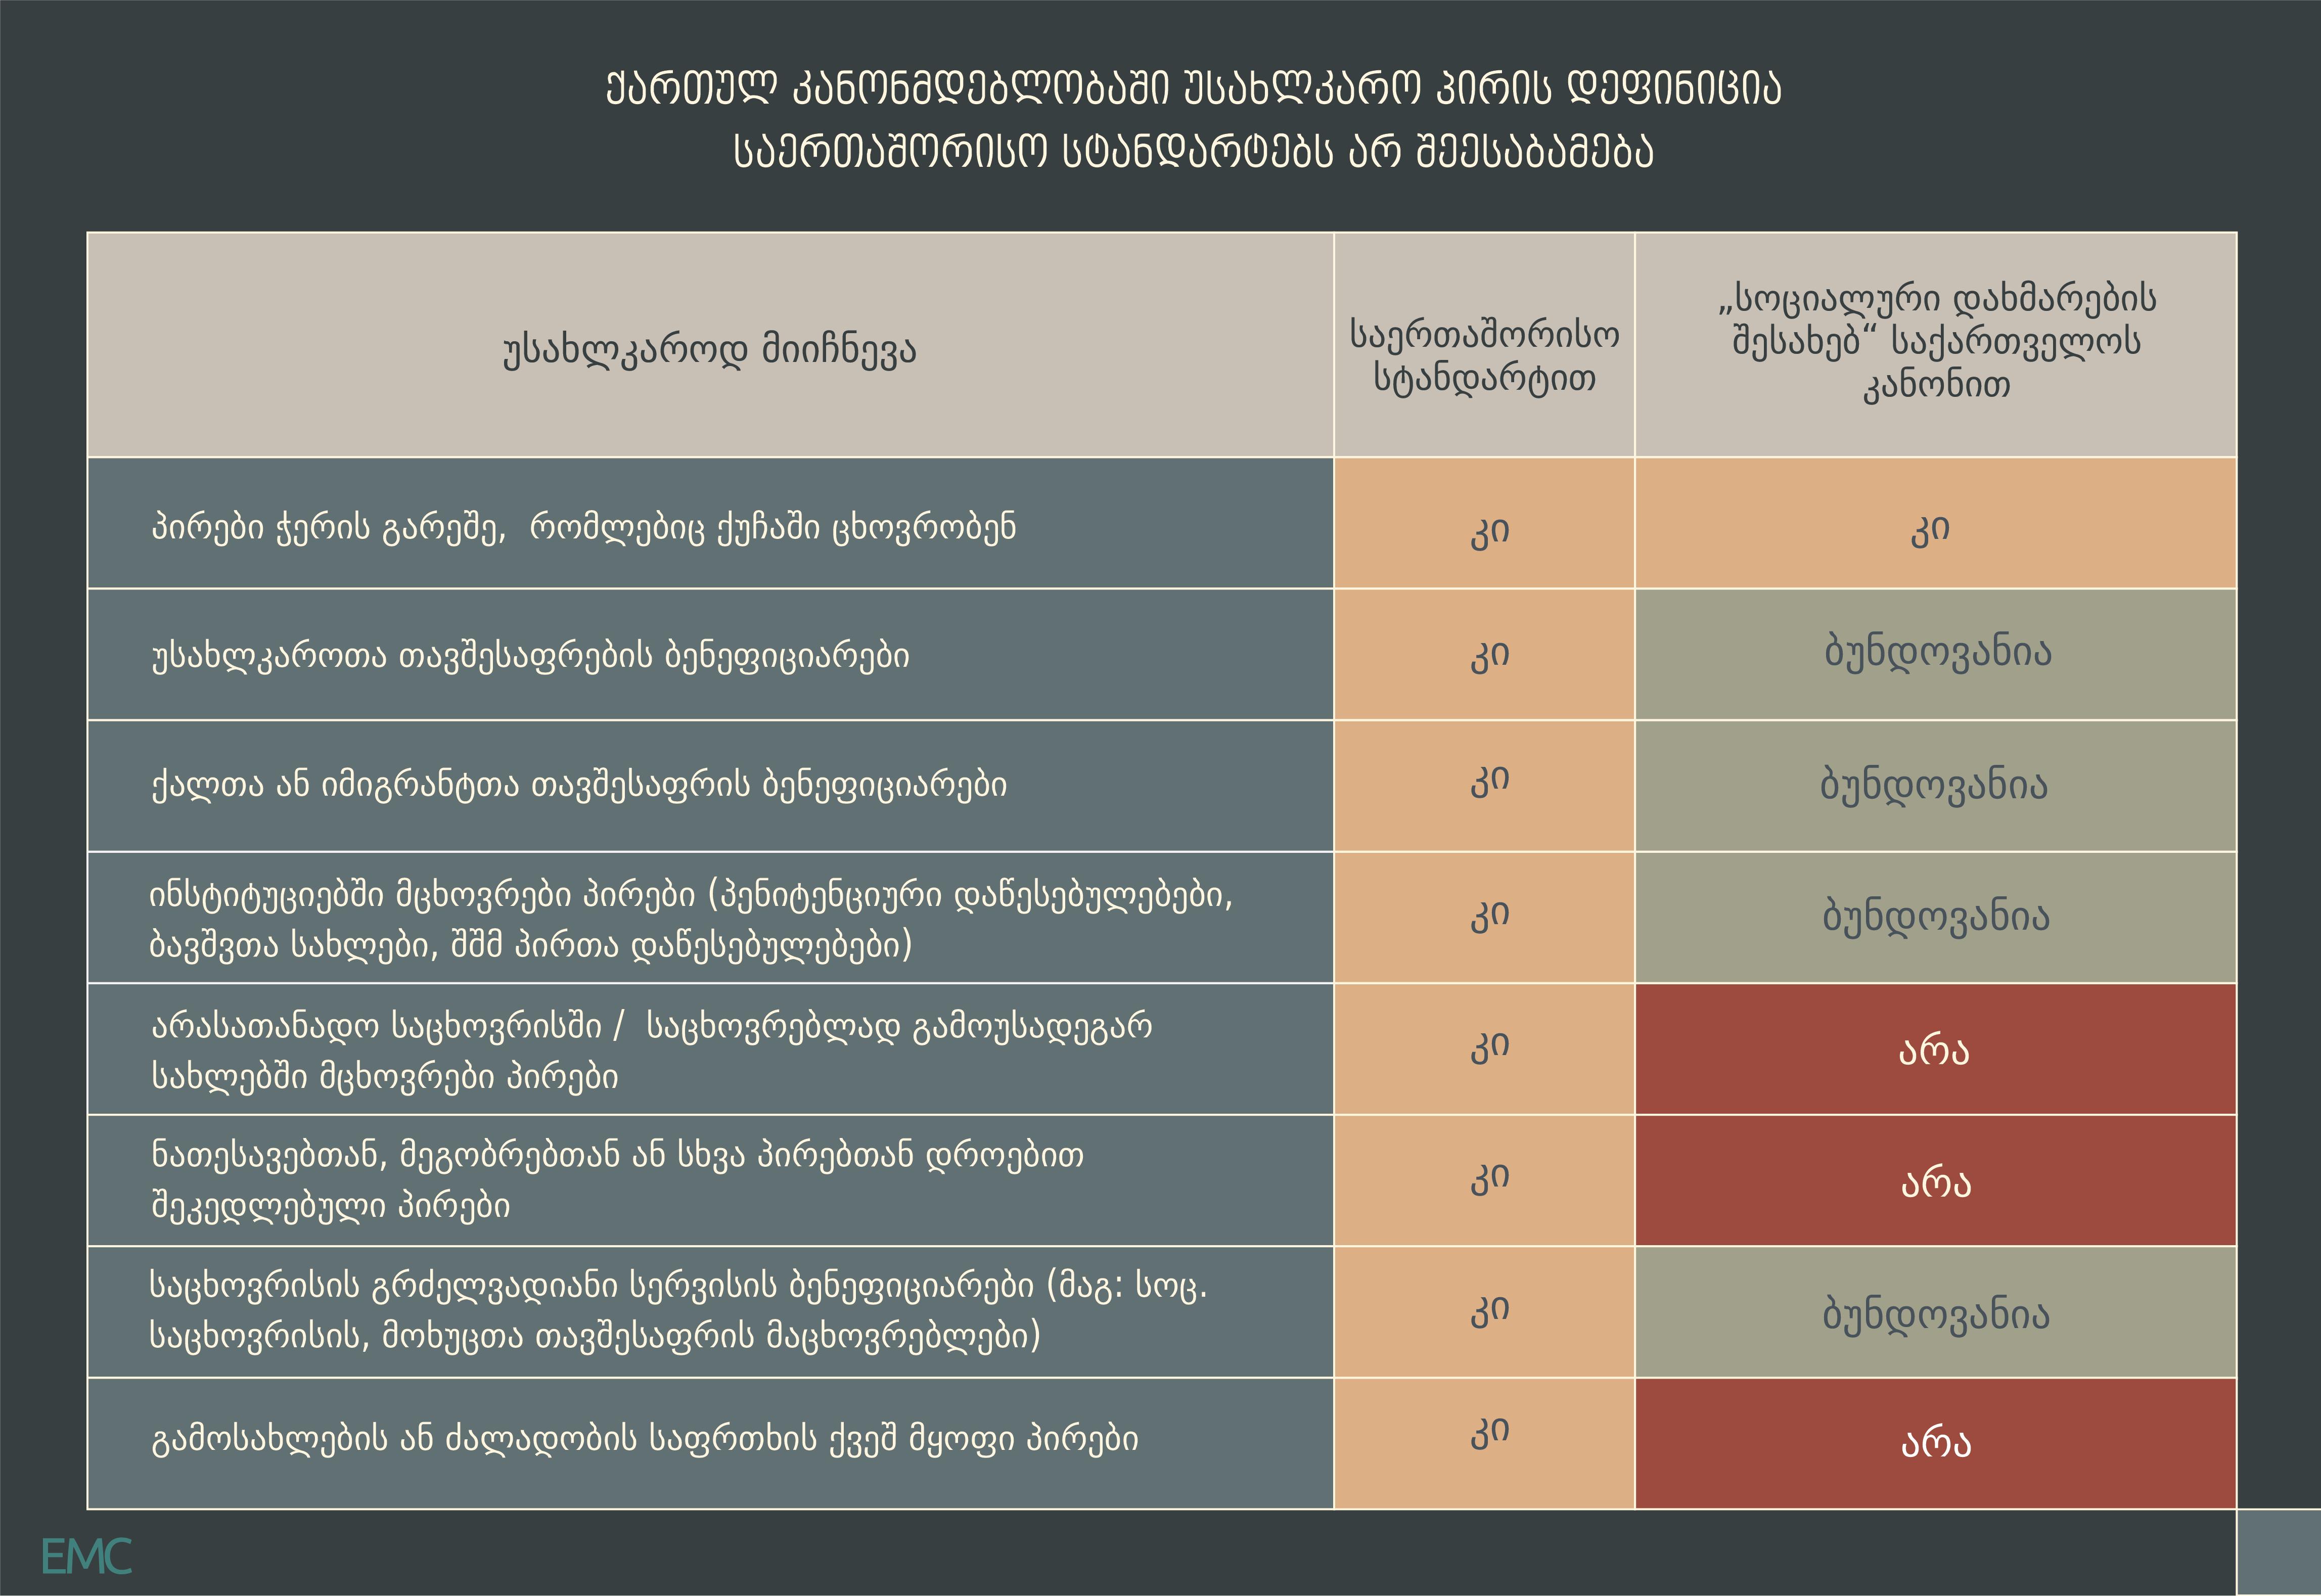 ქართულ კანონმდებლობაში უსახლკარო პირის დეფინიცია საერთაშორისო სტანდარტებს არ შეესაბამება